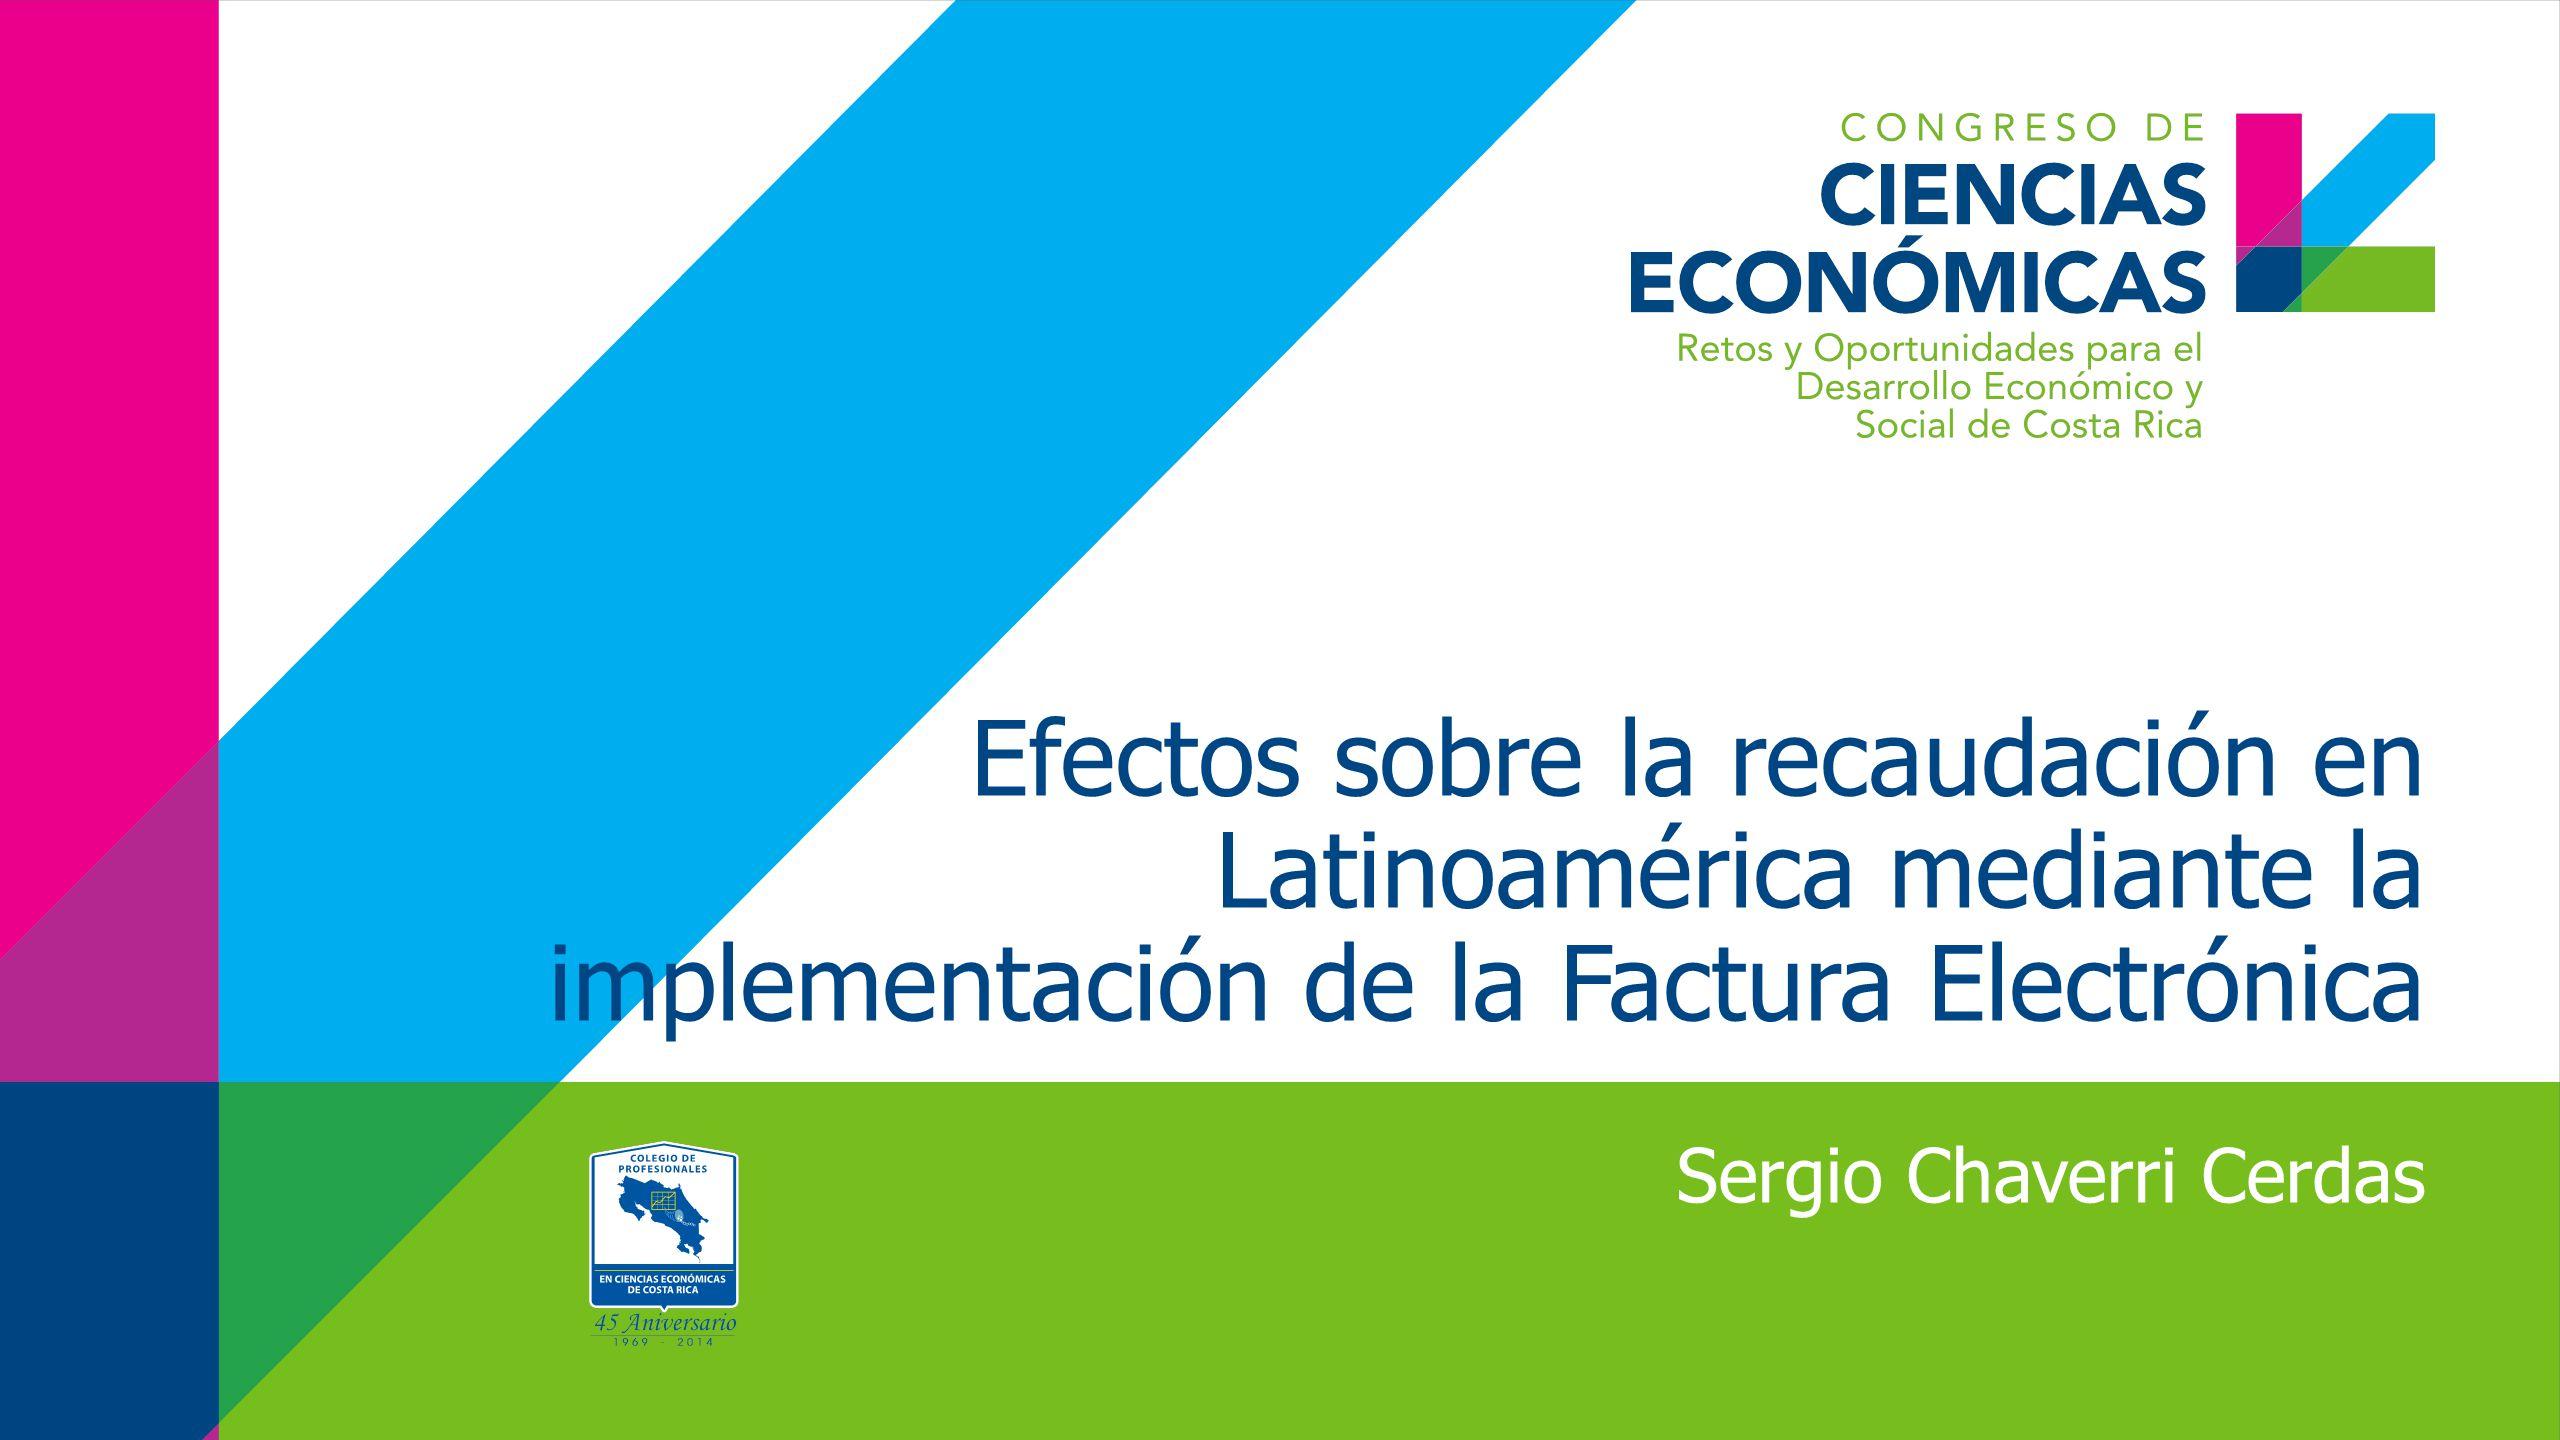 Efectos sobre la recaudación en Latinoamérica mediante la implementación de la Factura Electrónica